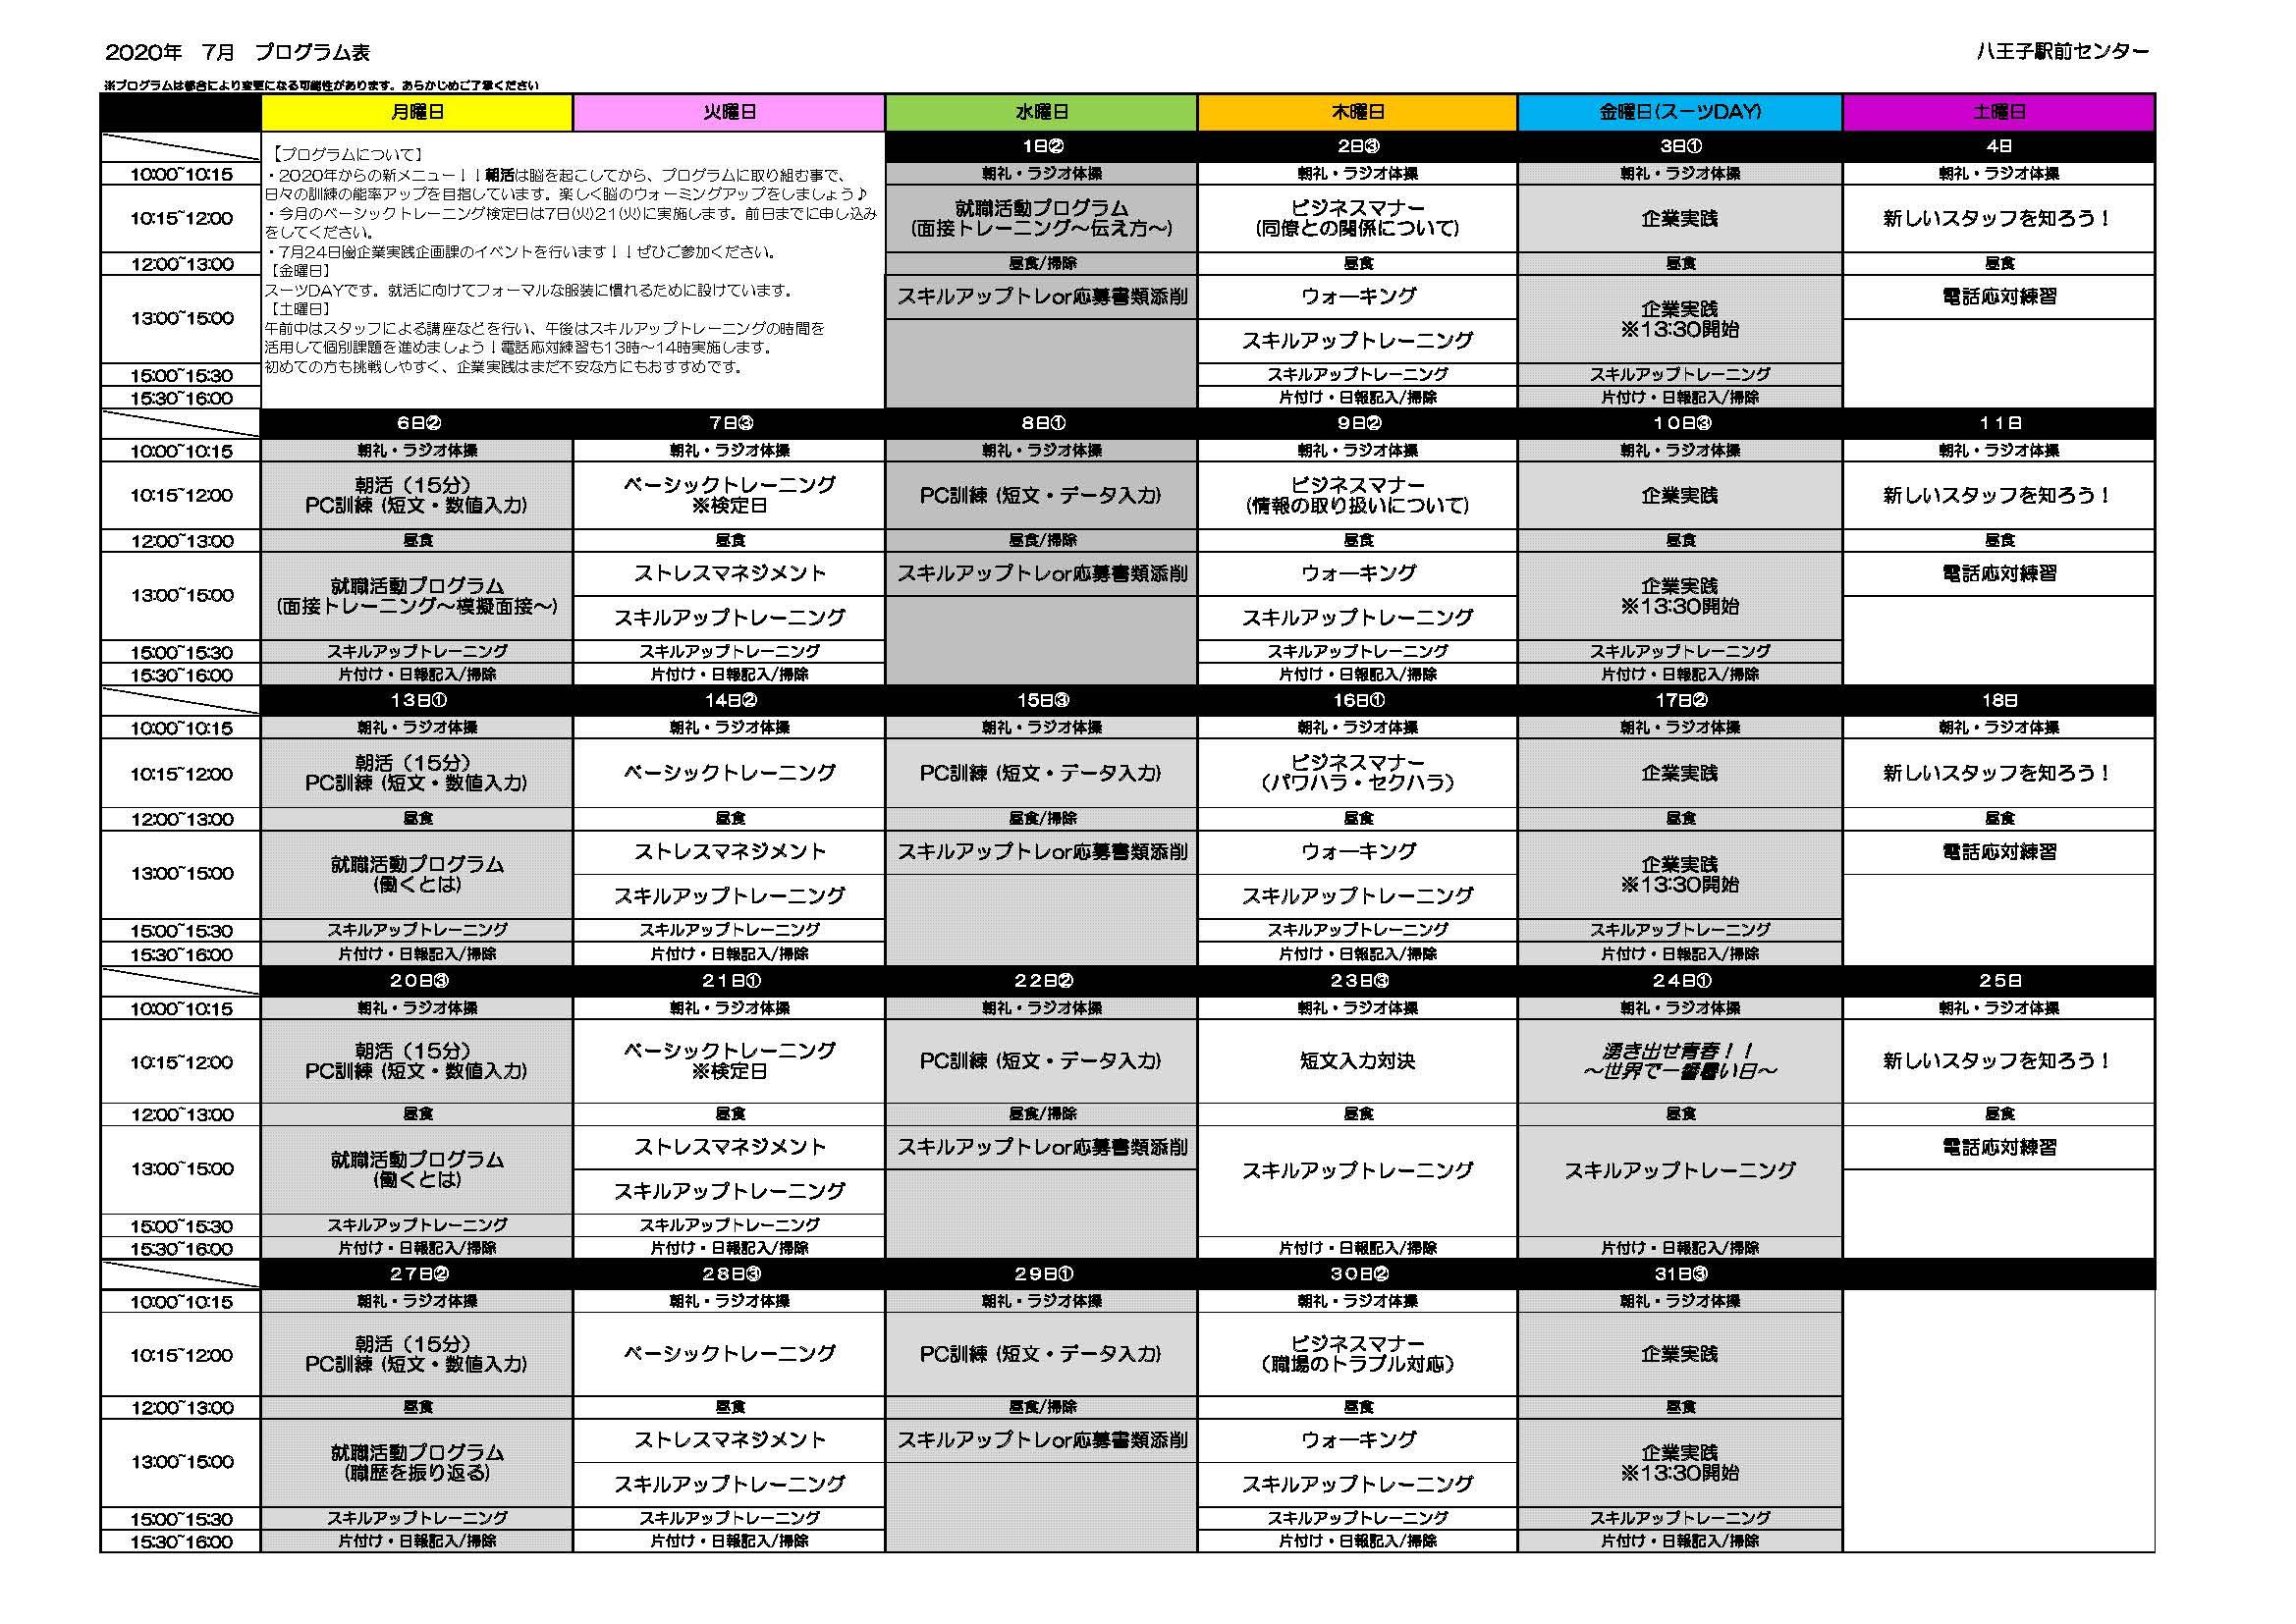 2020.07プログラム表